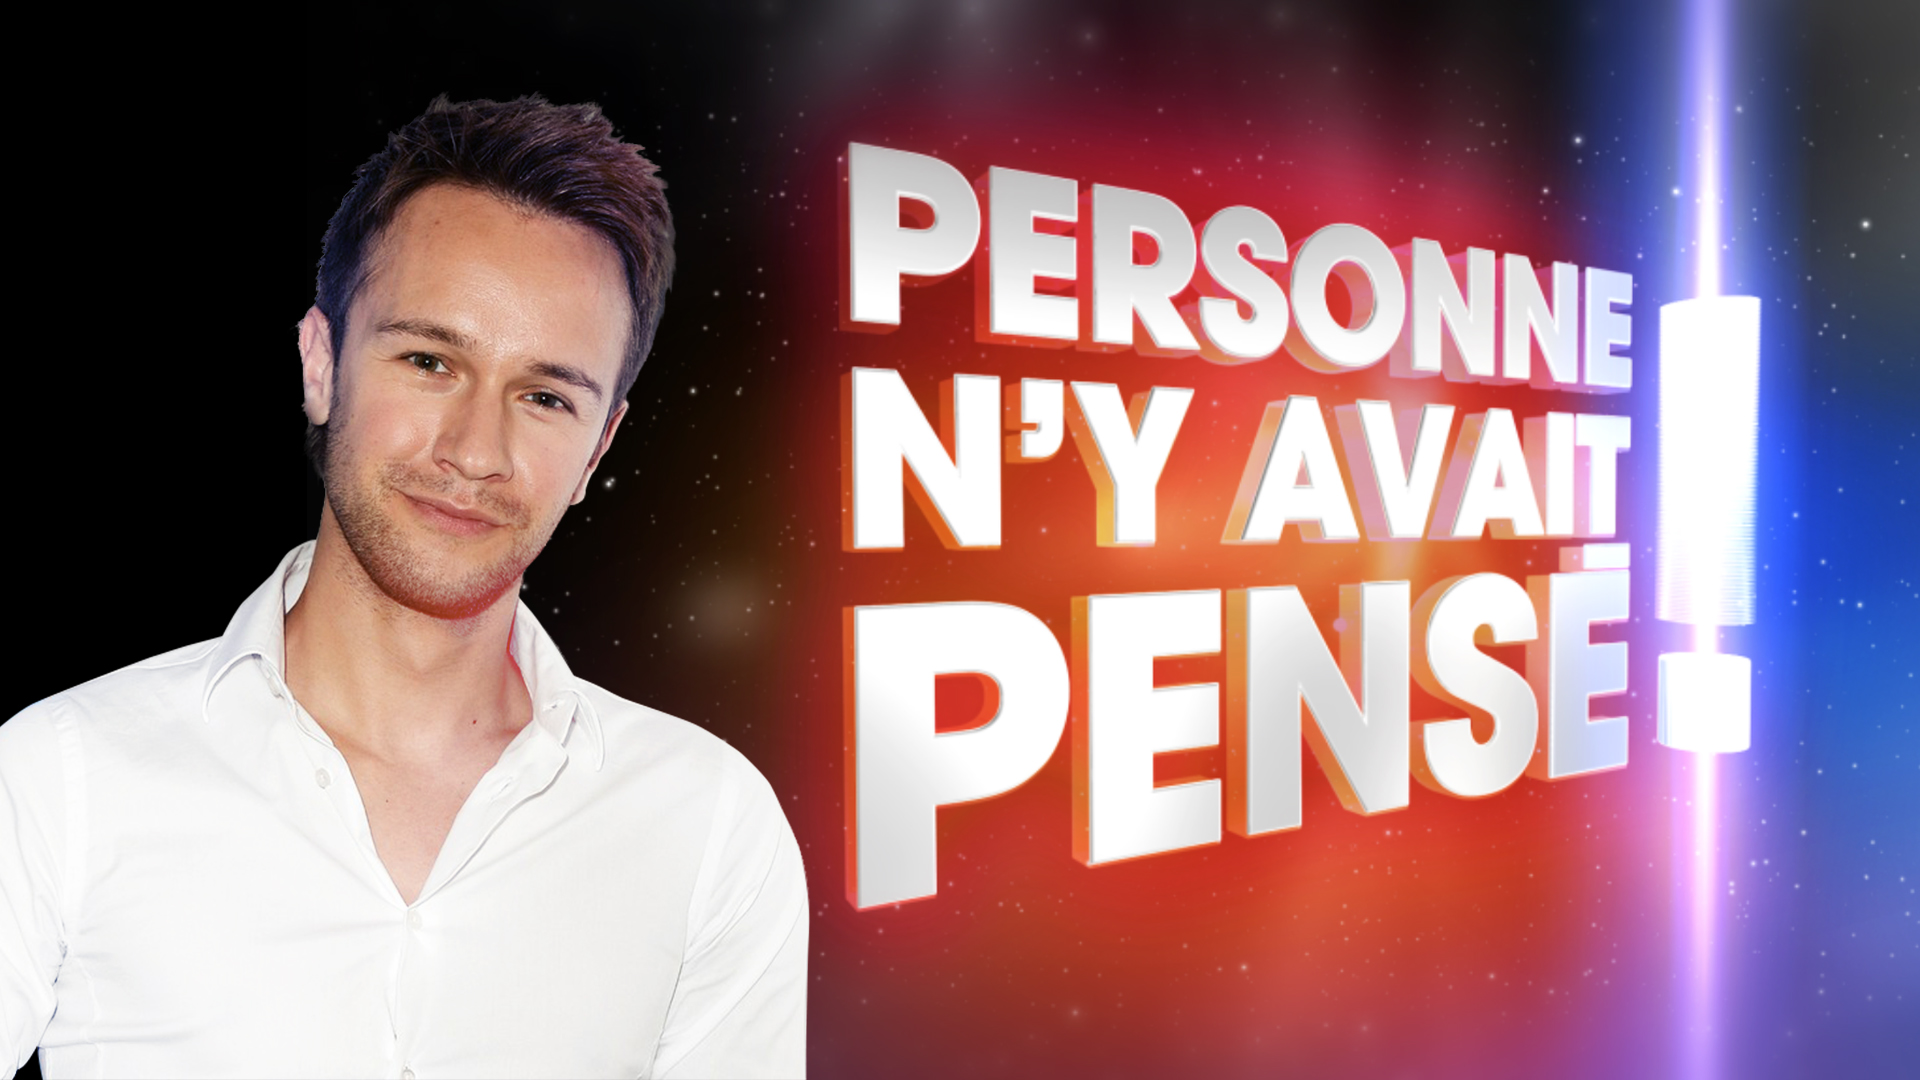 PERSONNE N'Y AVAIT PENSE !